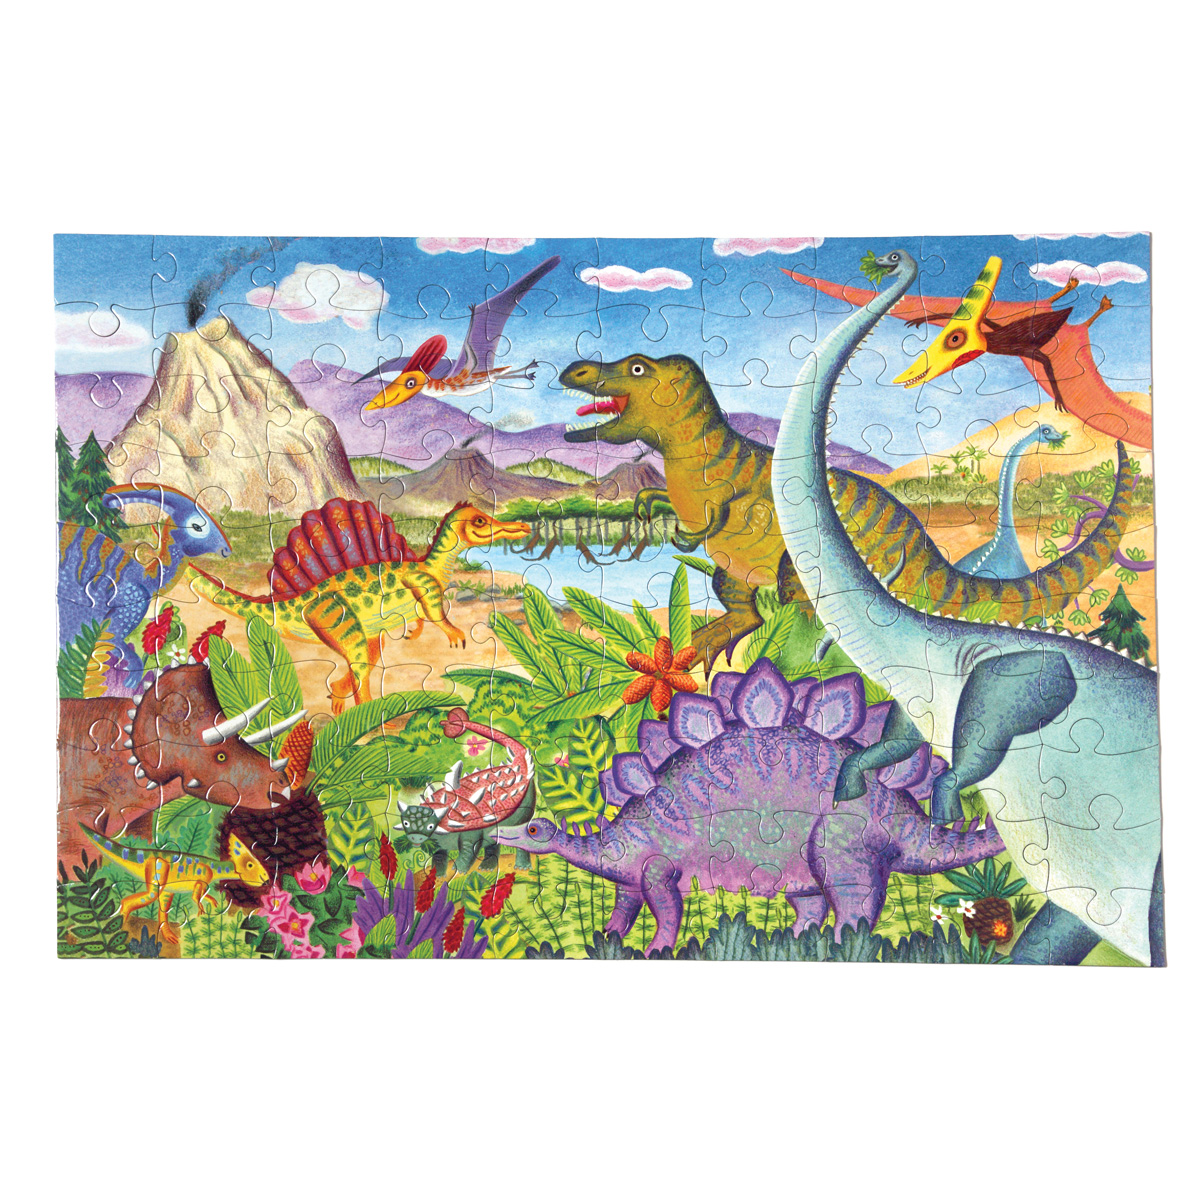 100ピースパズル 恐竜の世界